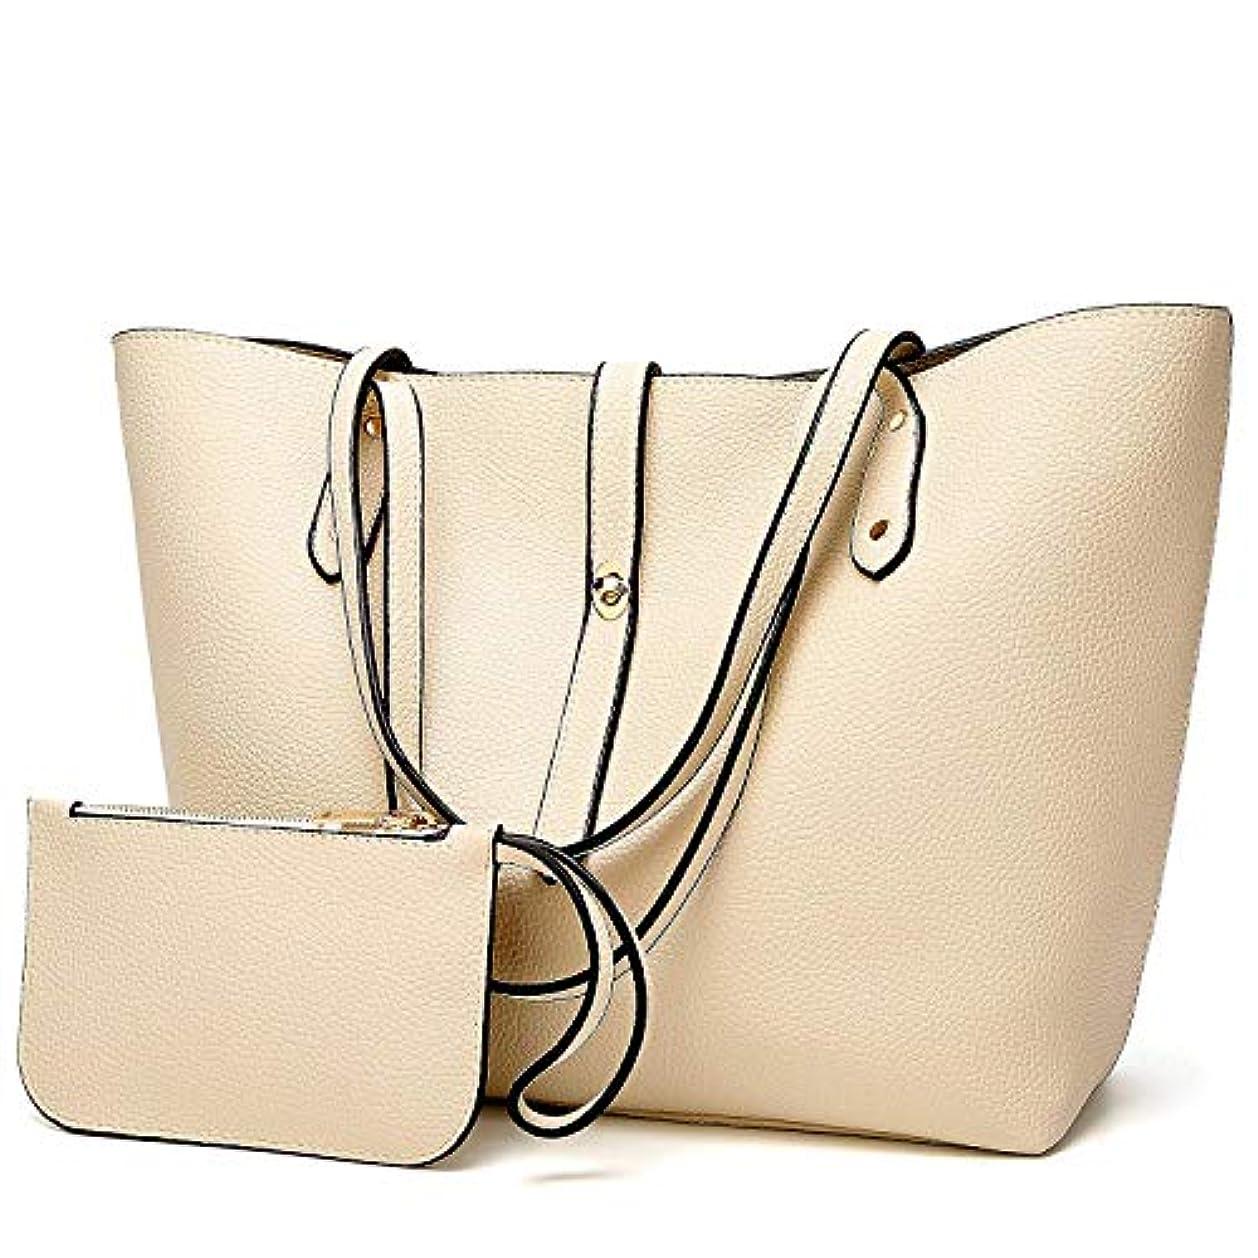 原始的なブロッサム把握[TcIFE] ハンドバッグ レディース トートバッグ 大容量 無地 ショルダーバッグ 2way 財布とハンドバッグ